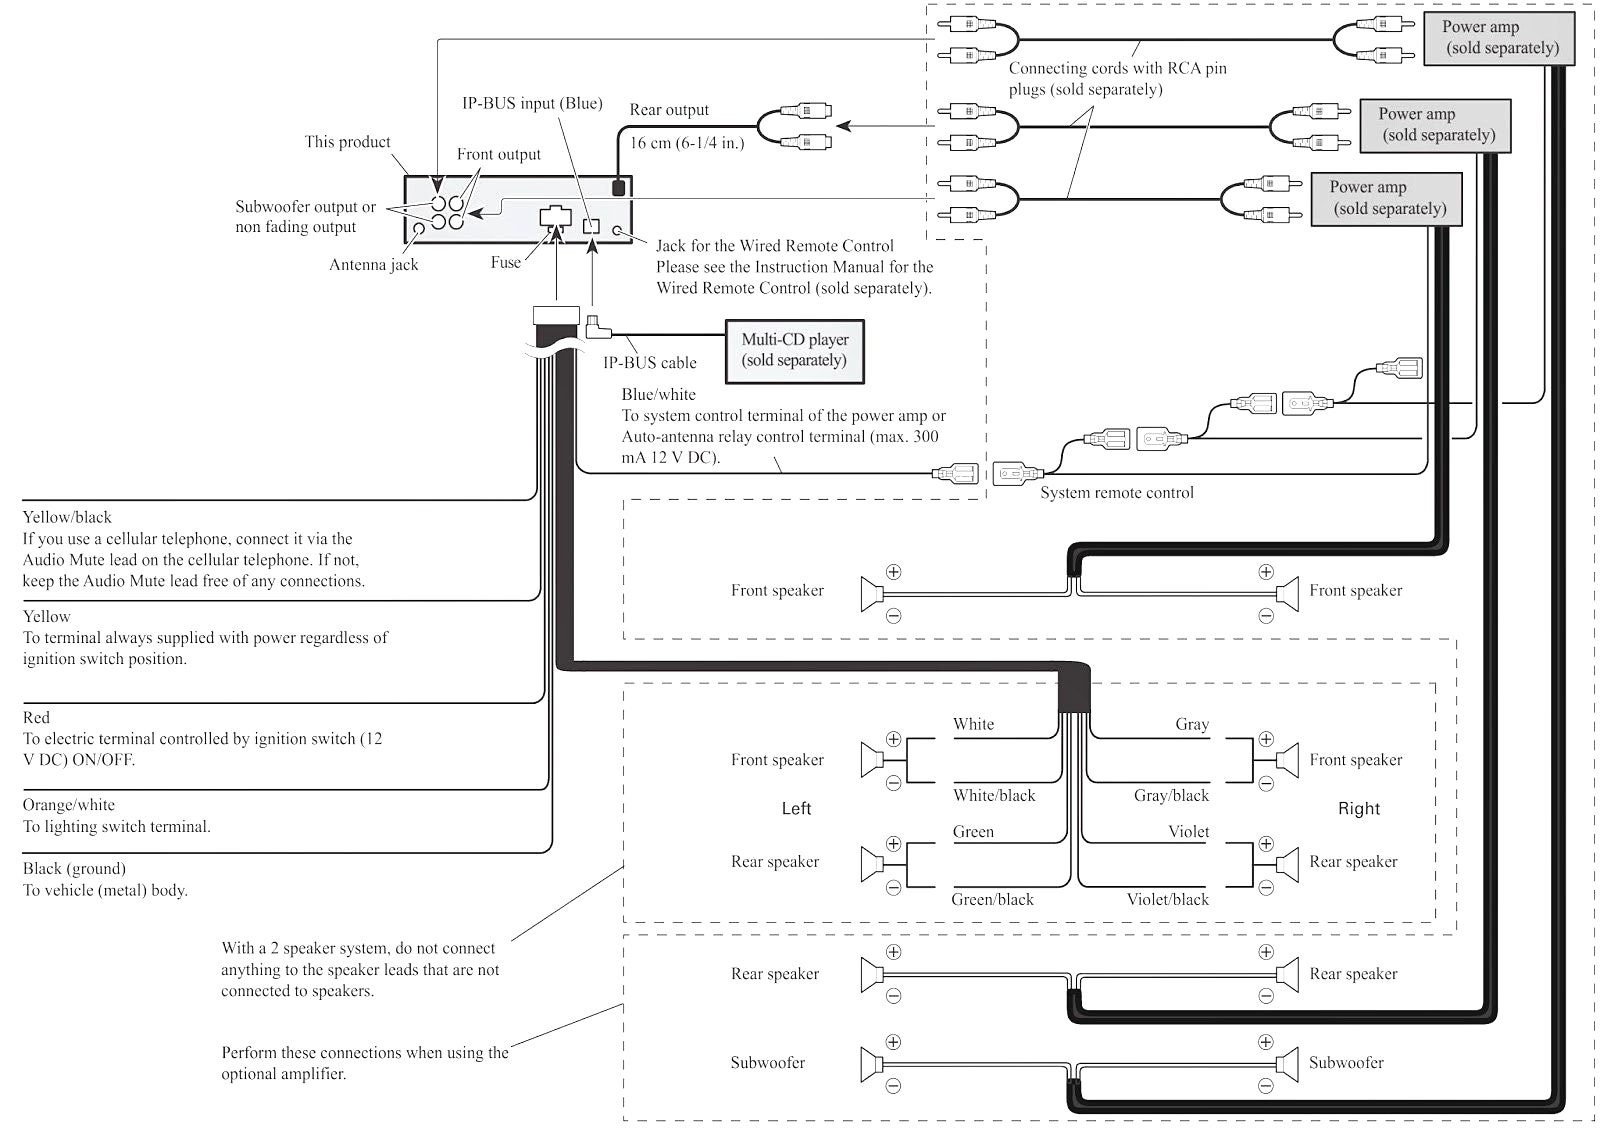 Wiring Diagram Pioneer Avh P5700dvd Charming Pioneer Avh P5700dvd Wiring diagram s Best